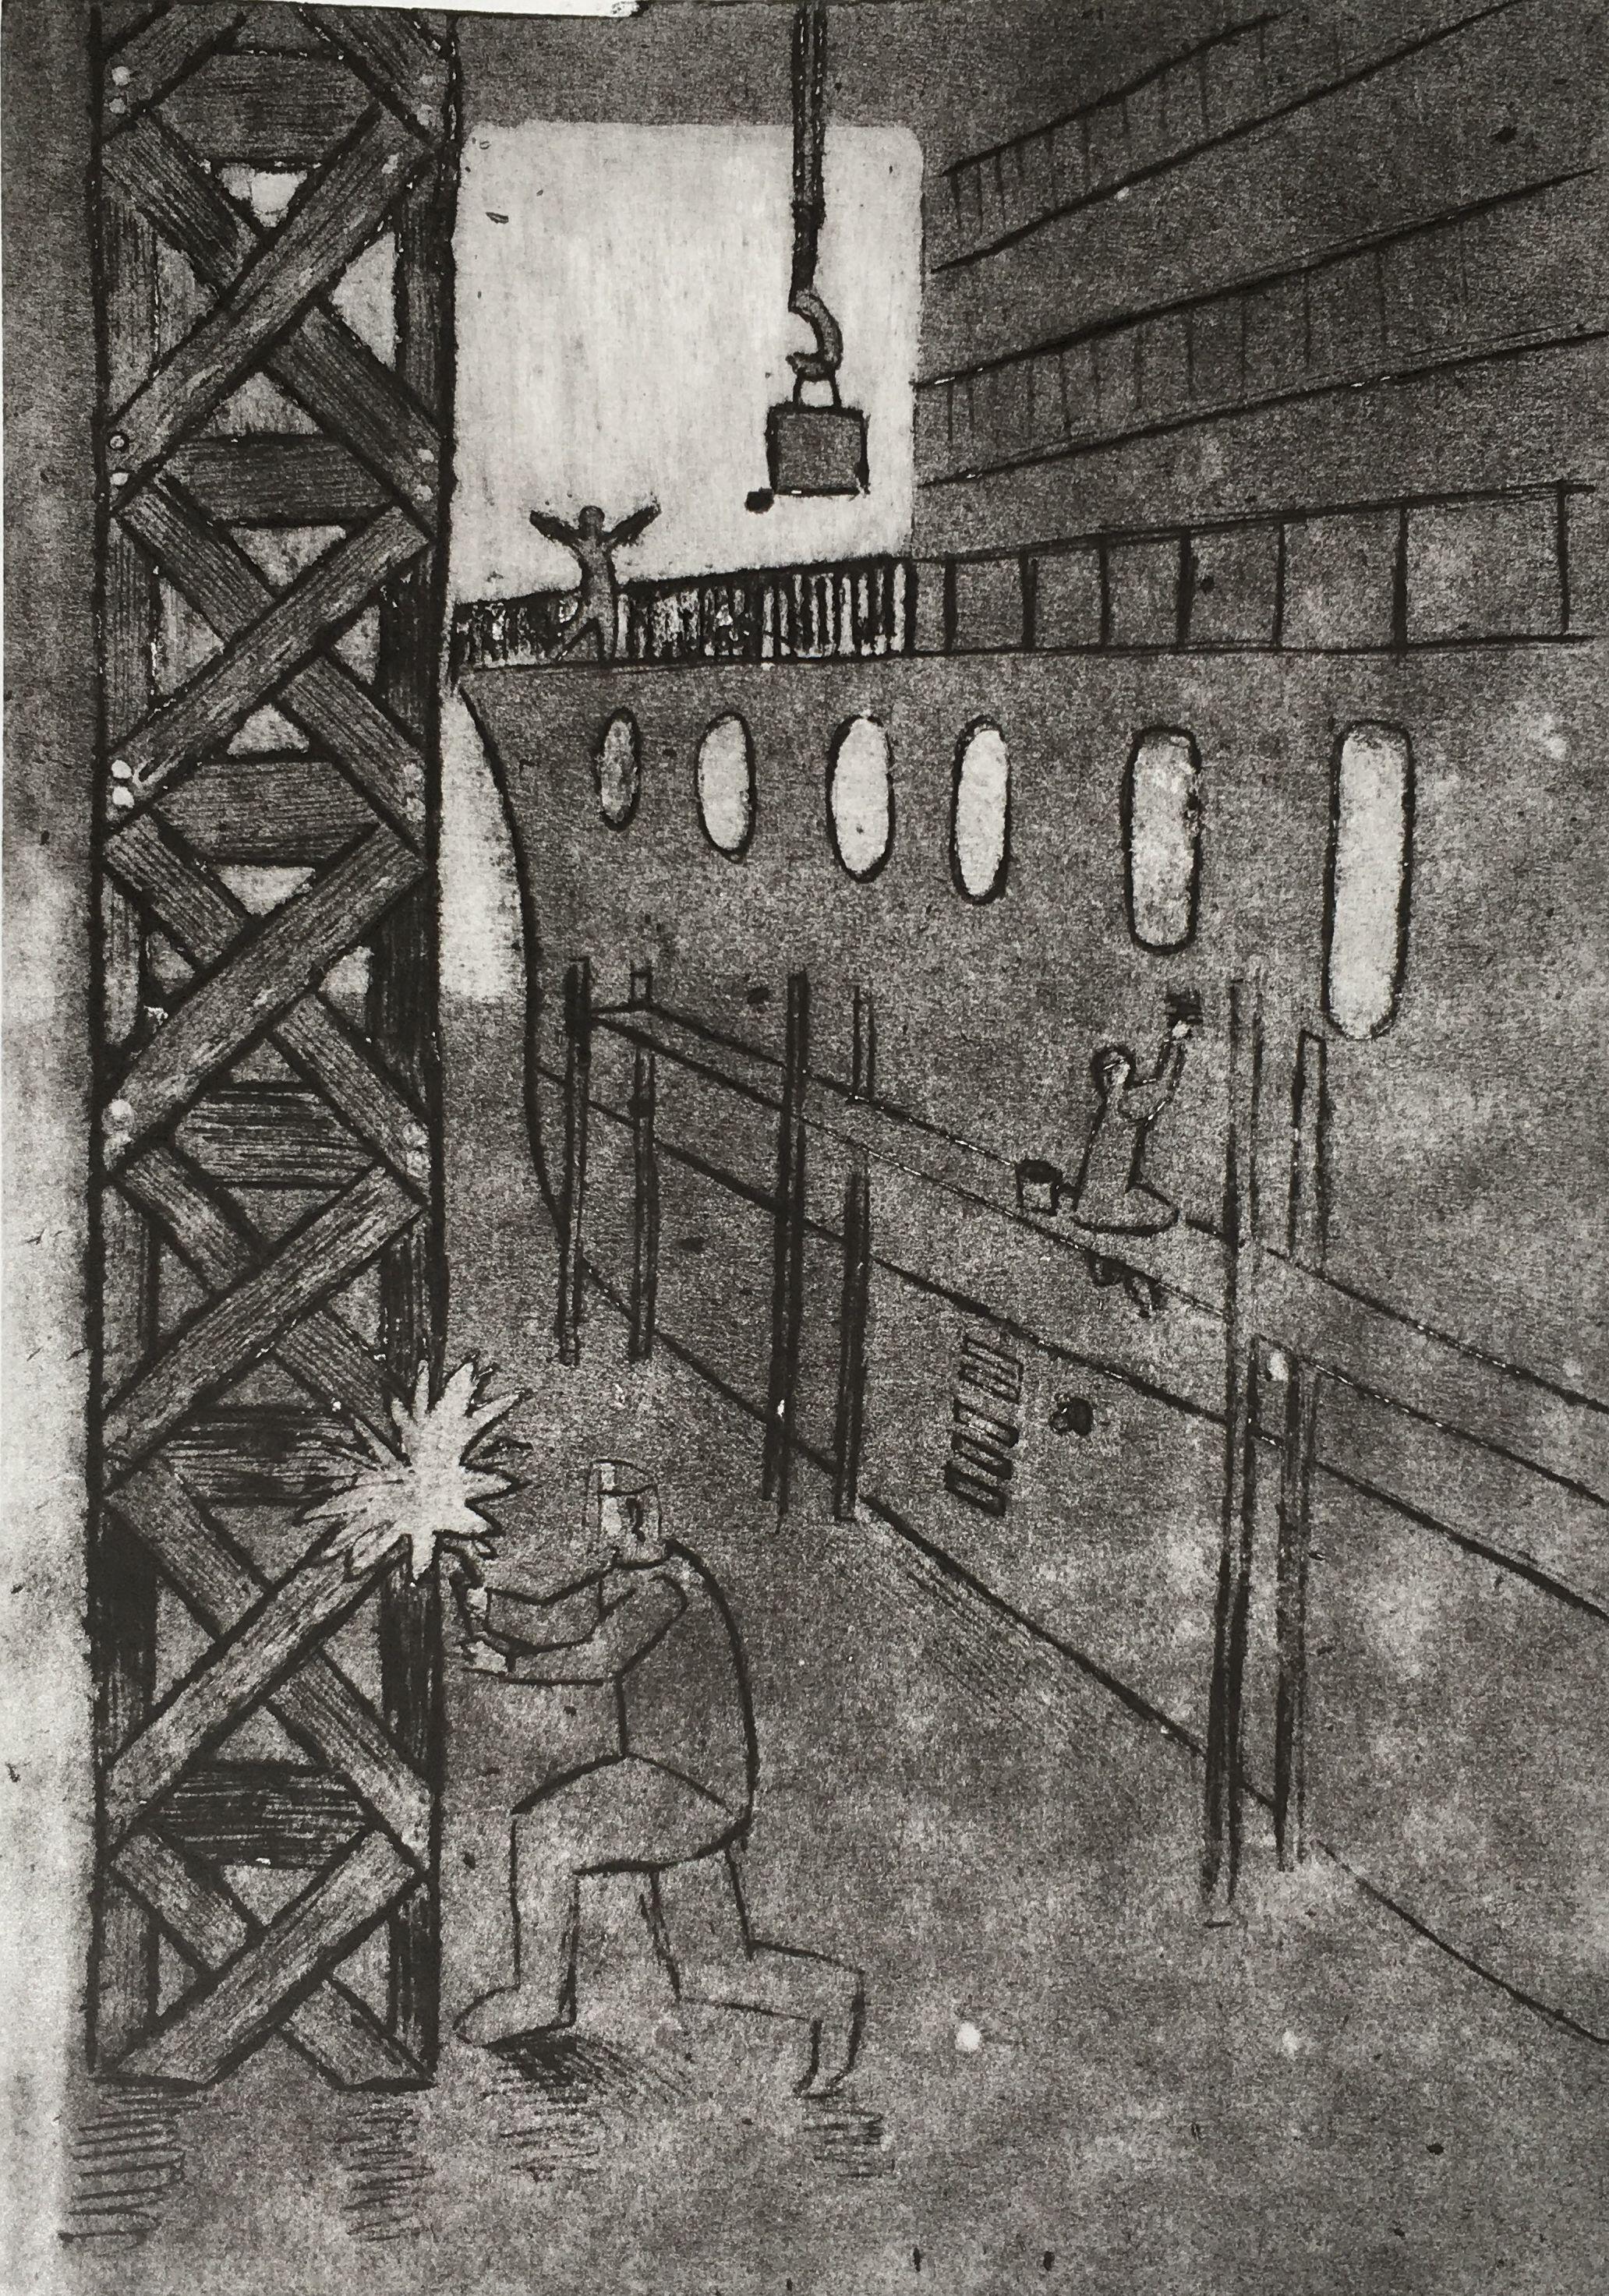 Борзов Влад. 14 лет. «Сварщик», гравюра на картоне. Преподаватель [В. В. Воронова](/teacher/vv-voronova)